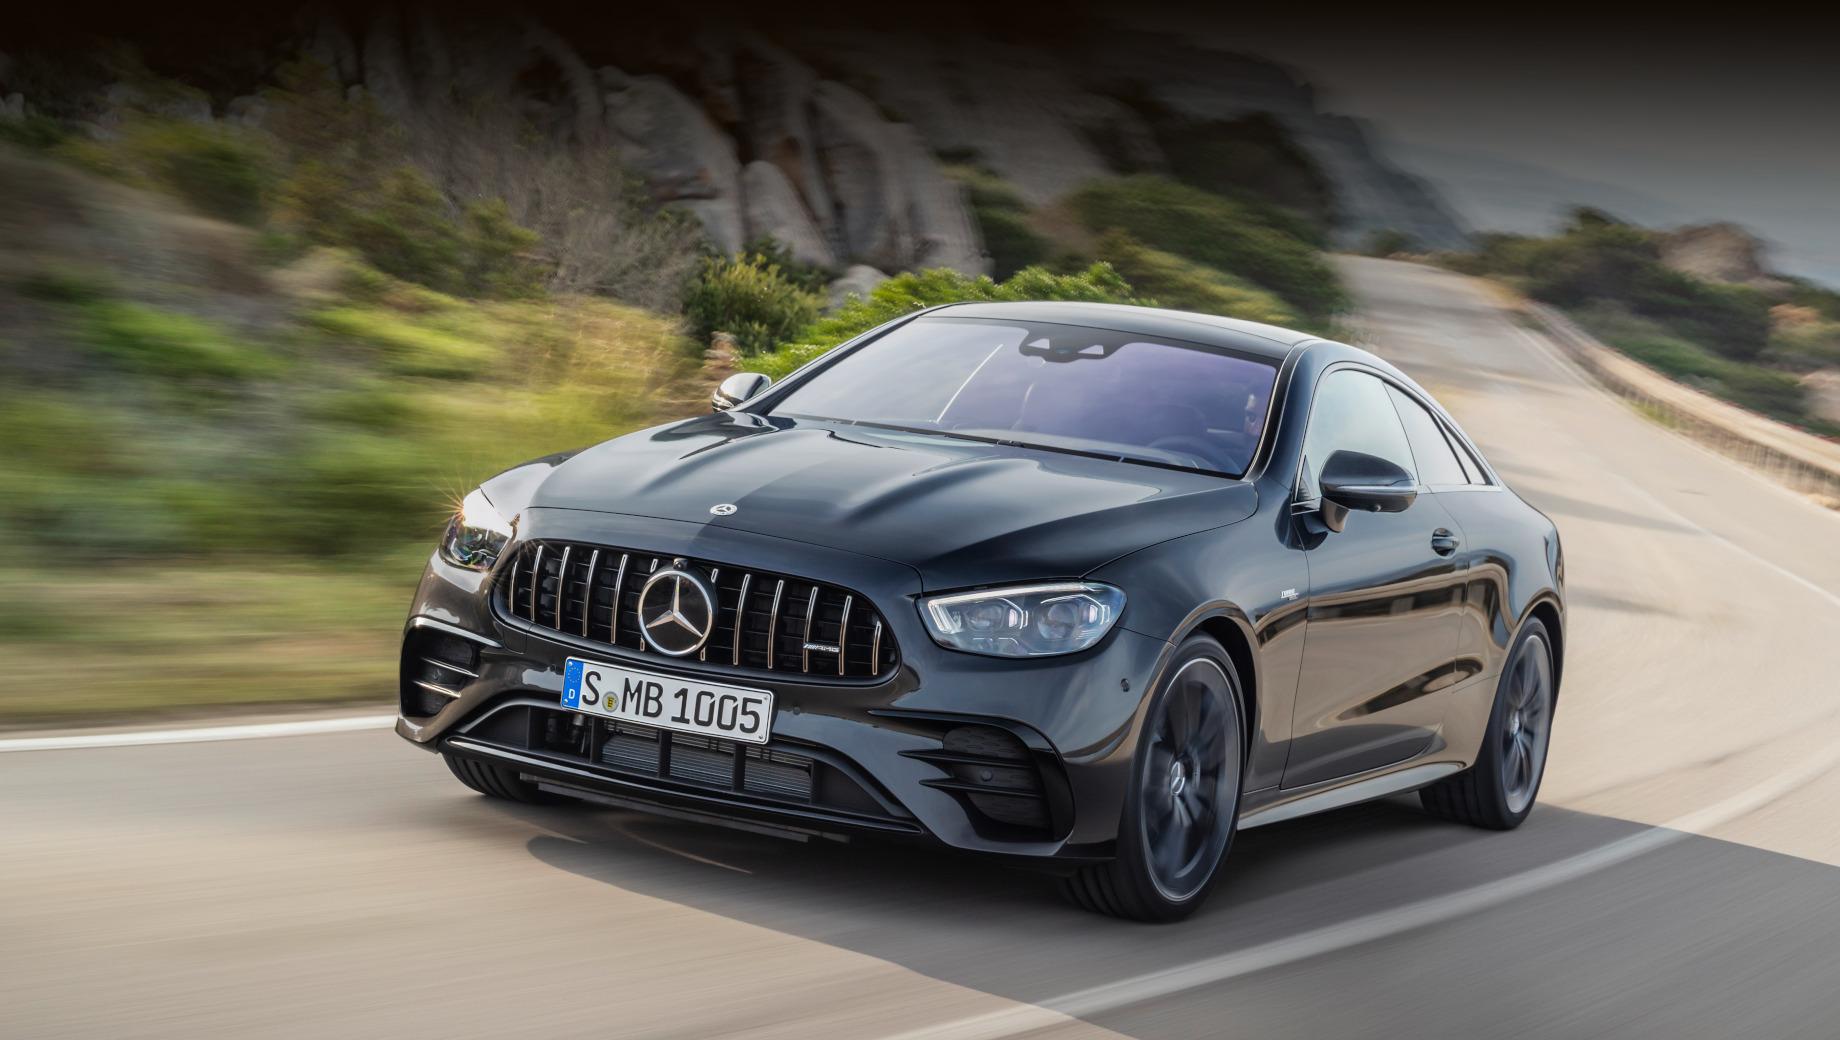 Mercedes e,Mercedes e coupe,Mercedes e cabrio. У купе и кабриолета обновлены бамперы и светодиодная оптика, подобно седану улучшен набор помощников водителя и пересмотрена моторная гамма. В продаже в Европе перекроенные машины появятся осенью.